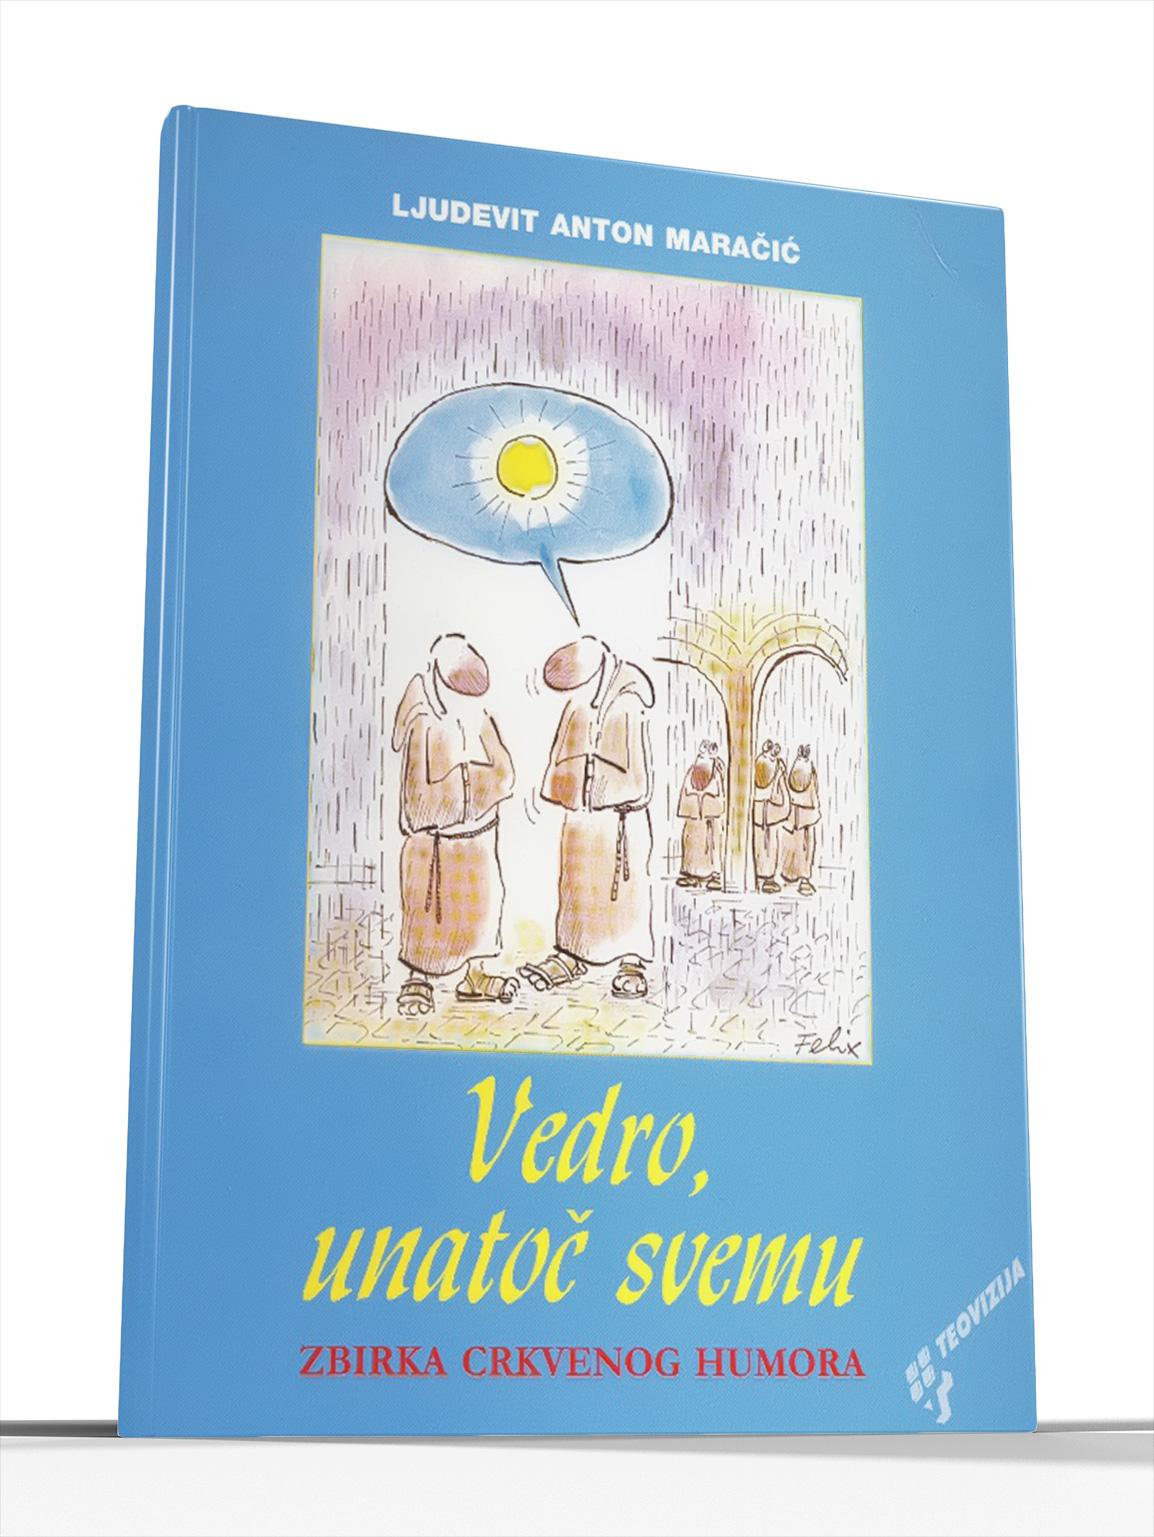 VEDRO UNATOČ SVEMU - Ljudevit A. Maračić